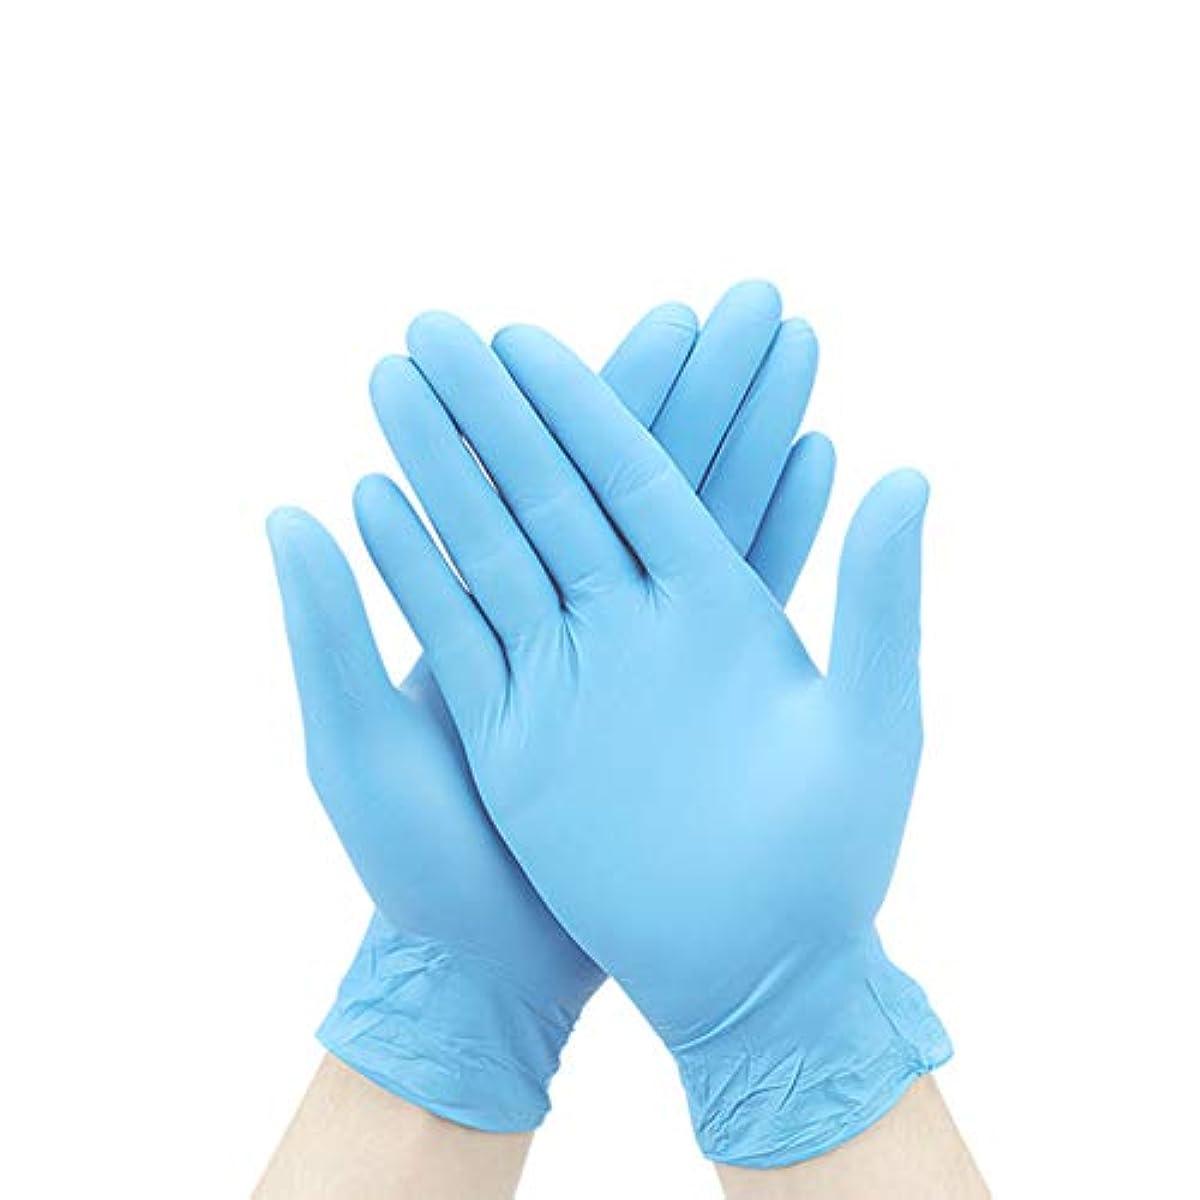 化合物クリーク階下ACHICOO ニトリルゴム手袋 使い捨て手袋 100個/箱 9インチ ブラック検査実験 耐久性 クリーン電子 ライトブルー 1ペア